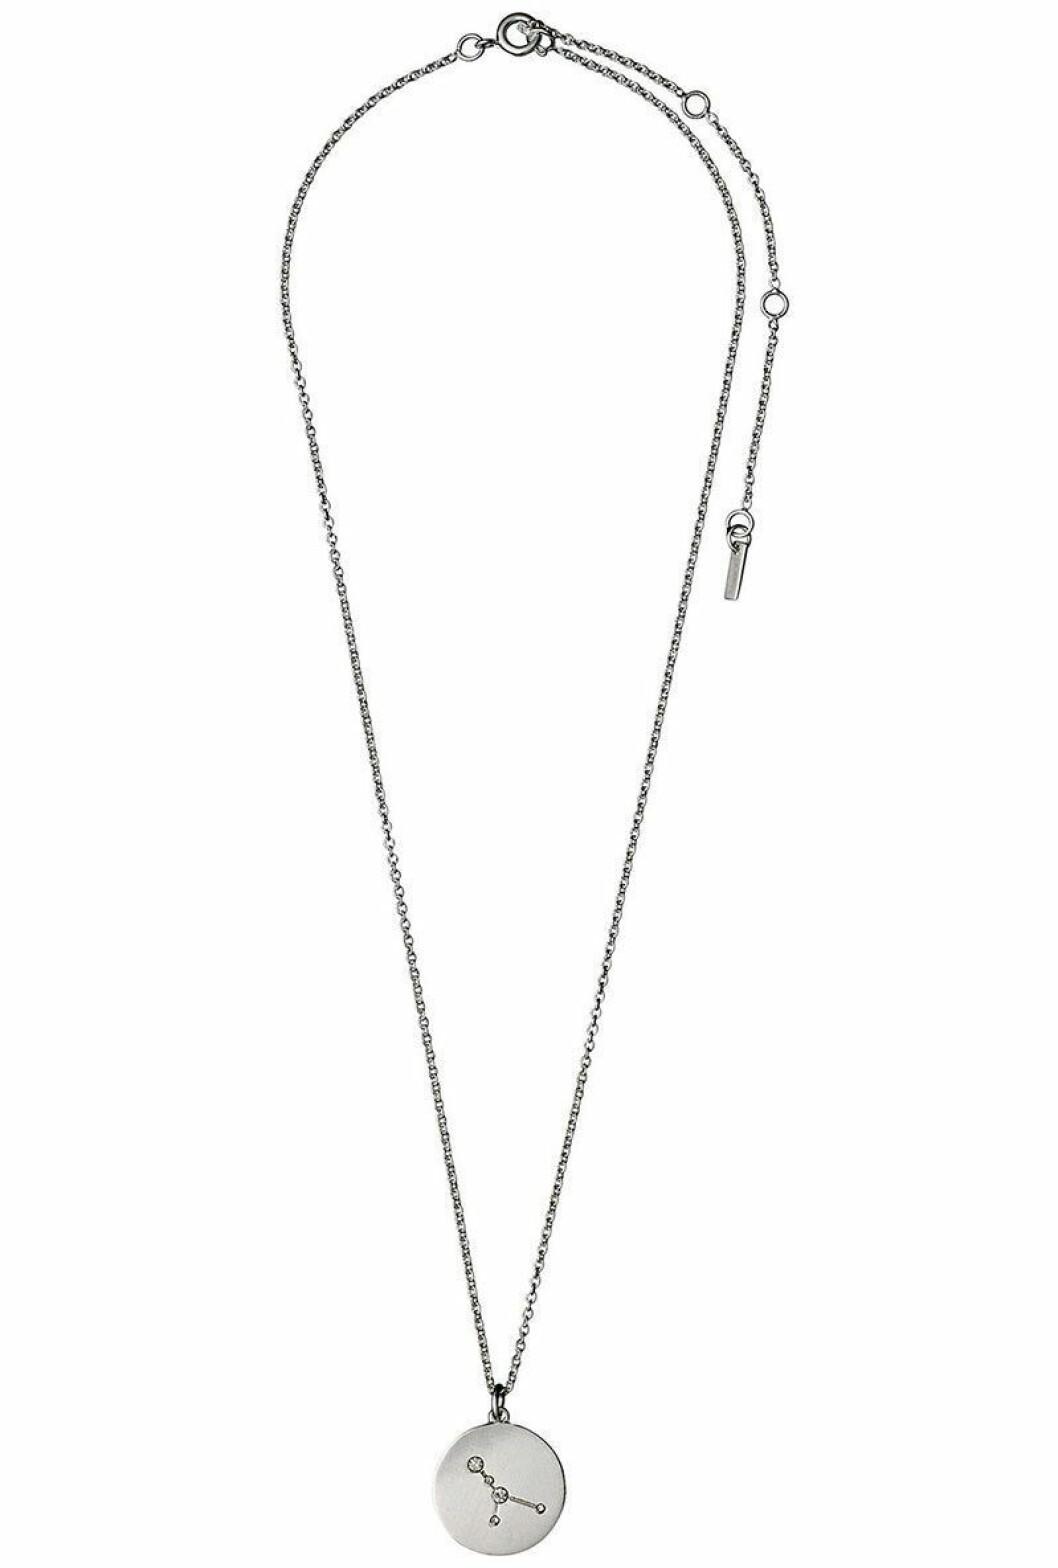 Halsband från Pilgrim med stjärntecknet kräftan